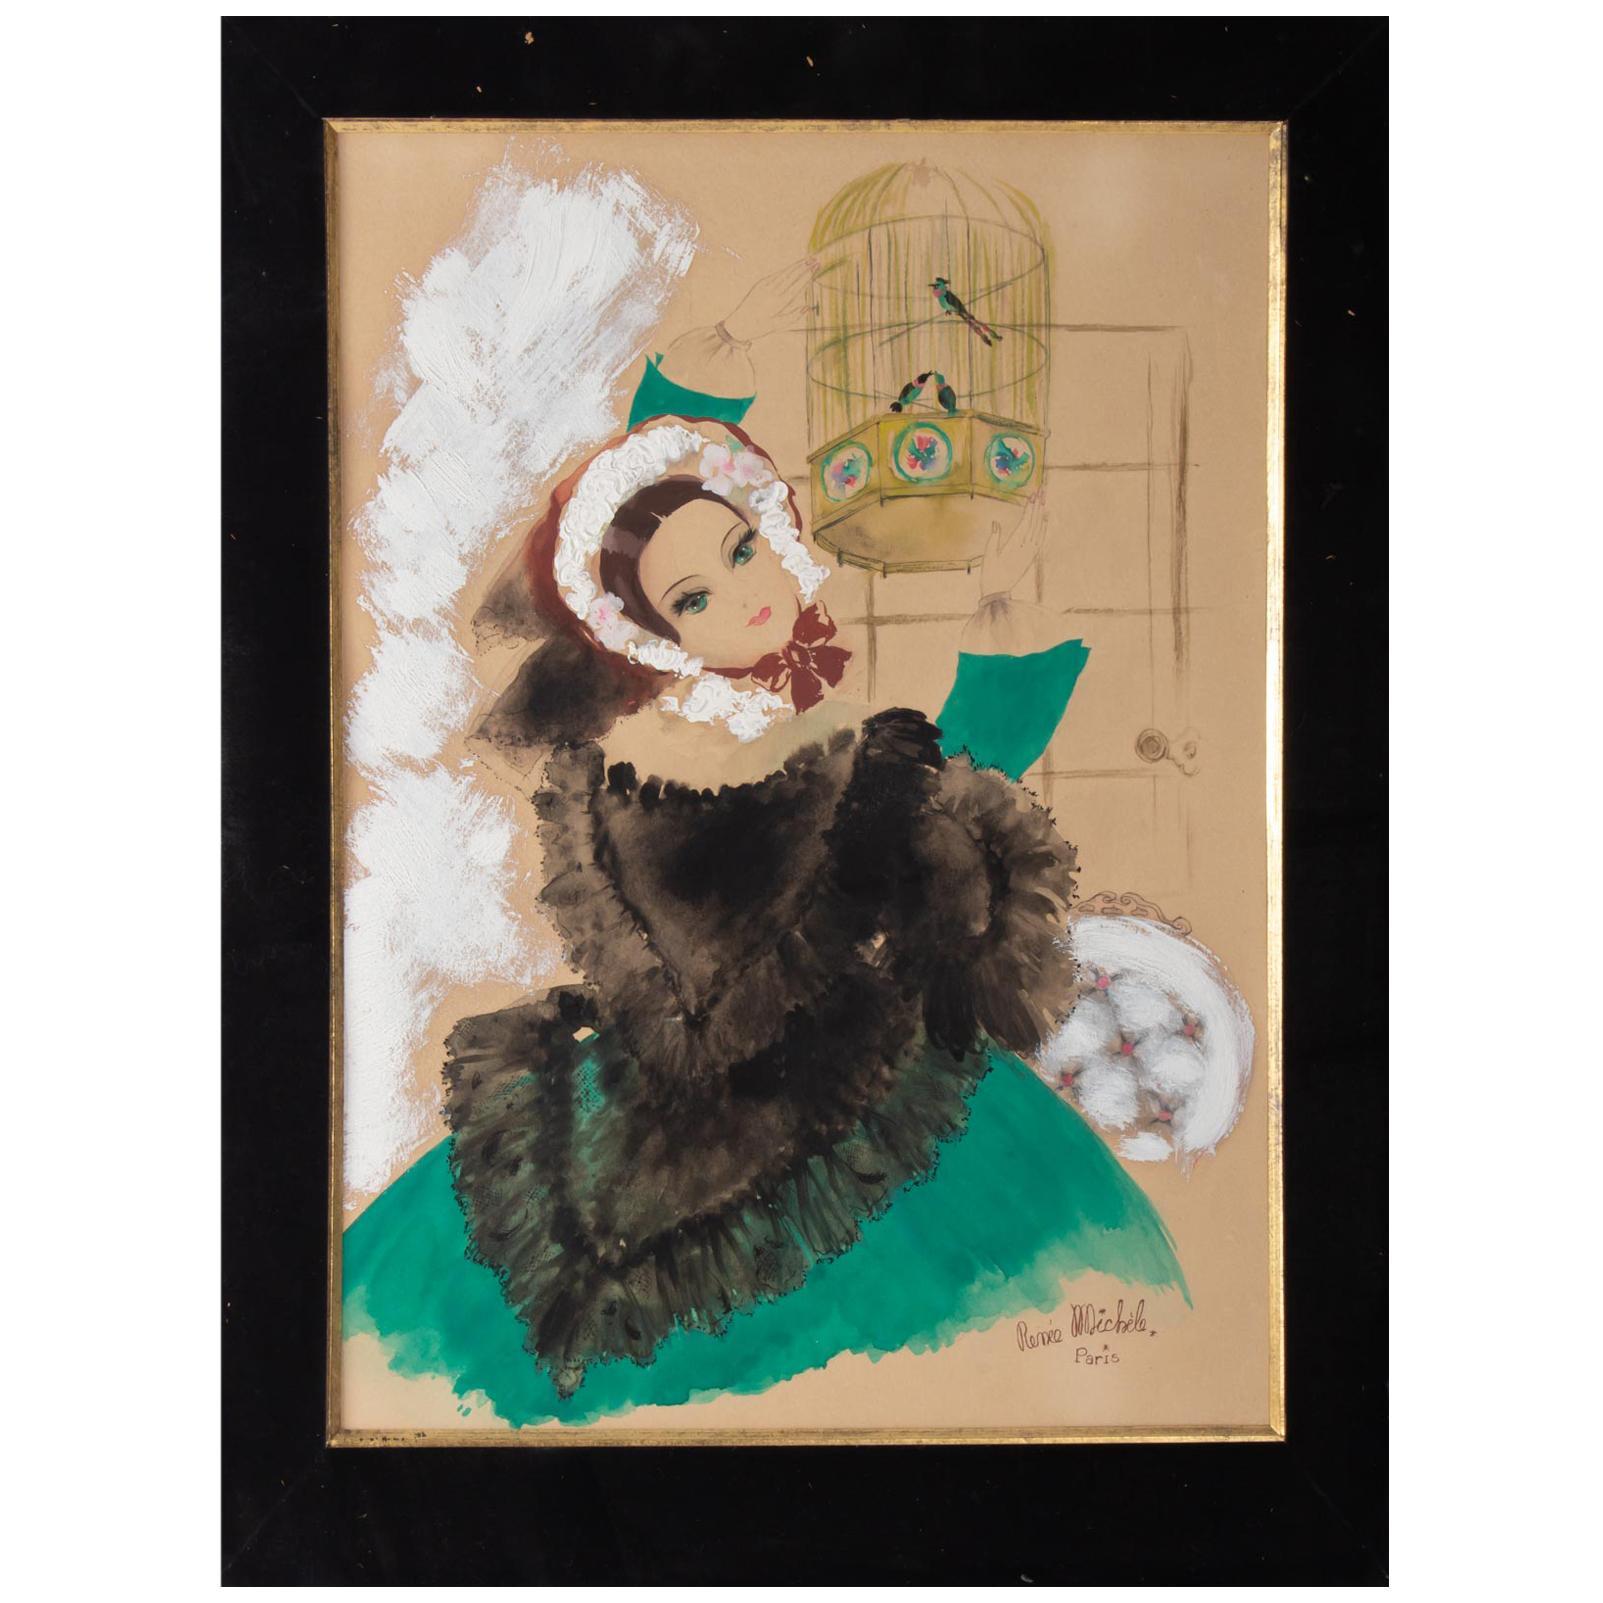 Watercolor, Belle Époque, 1900-1920, Signed Renée Michèle, Paris